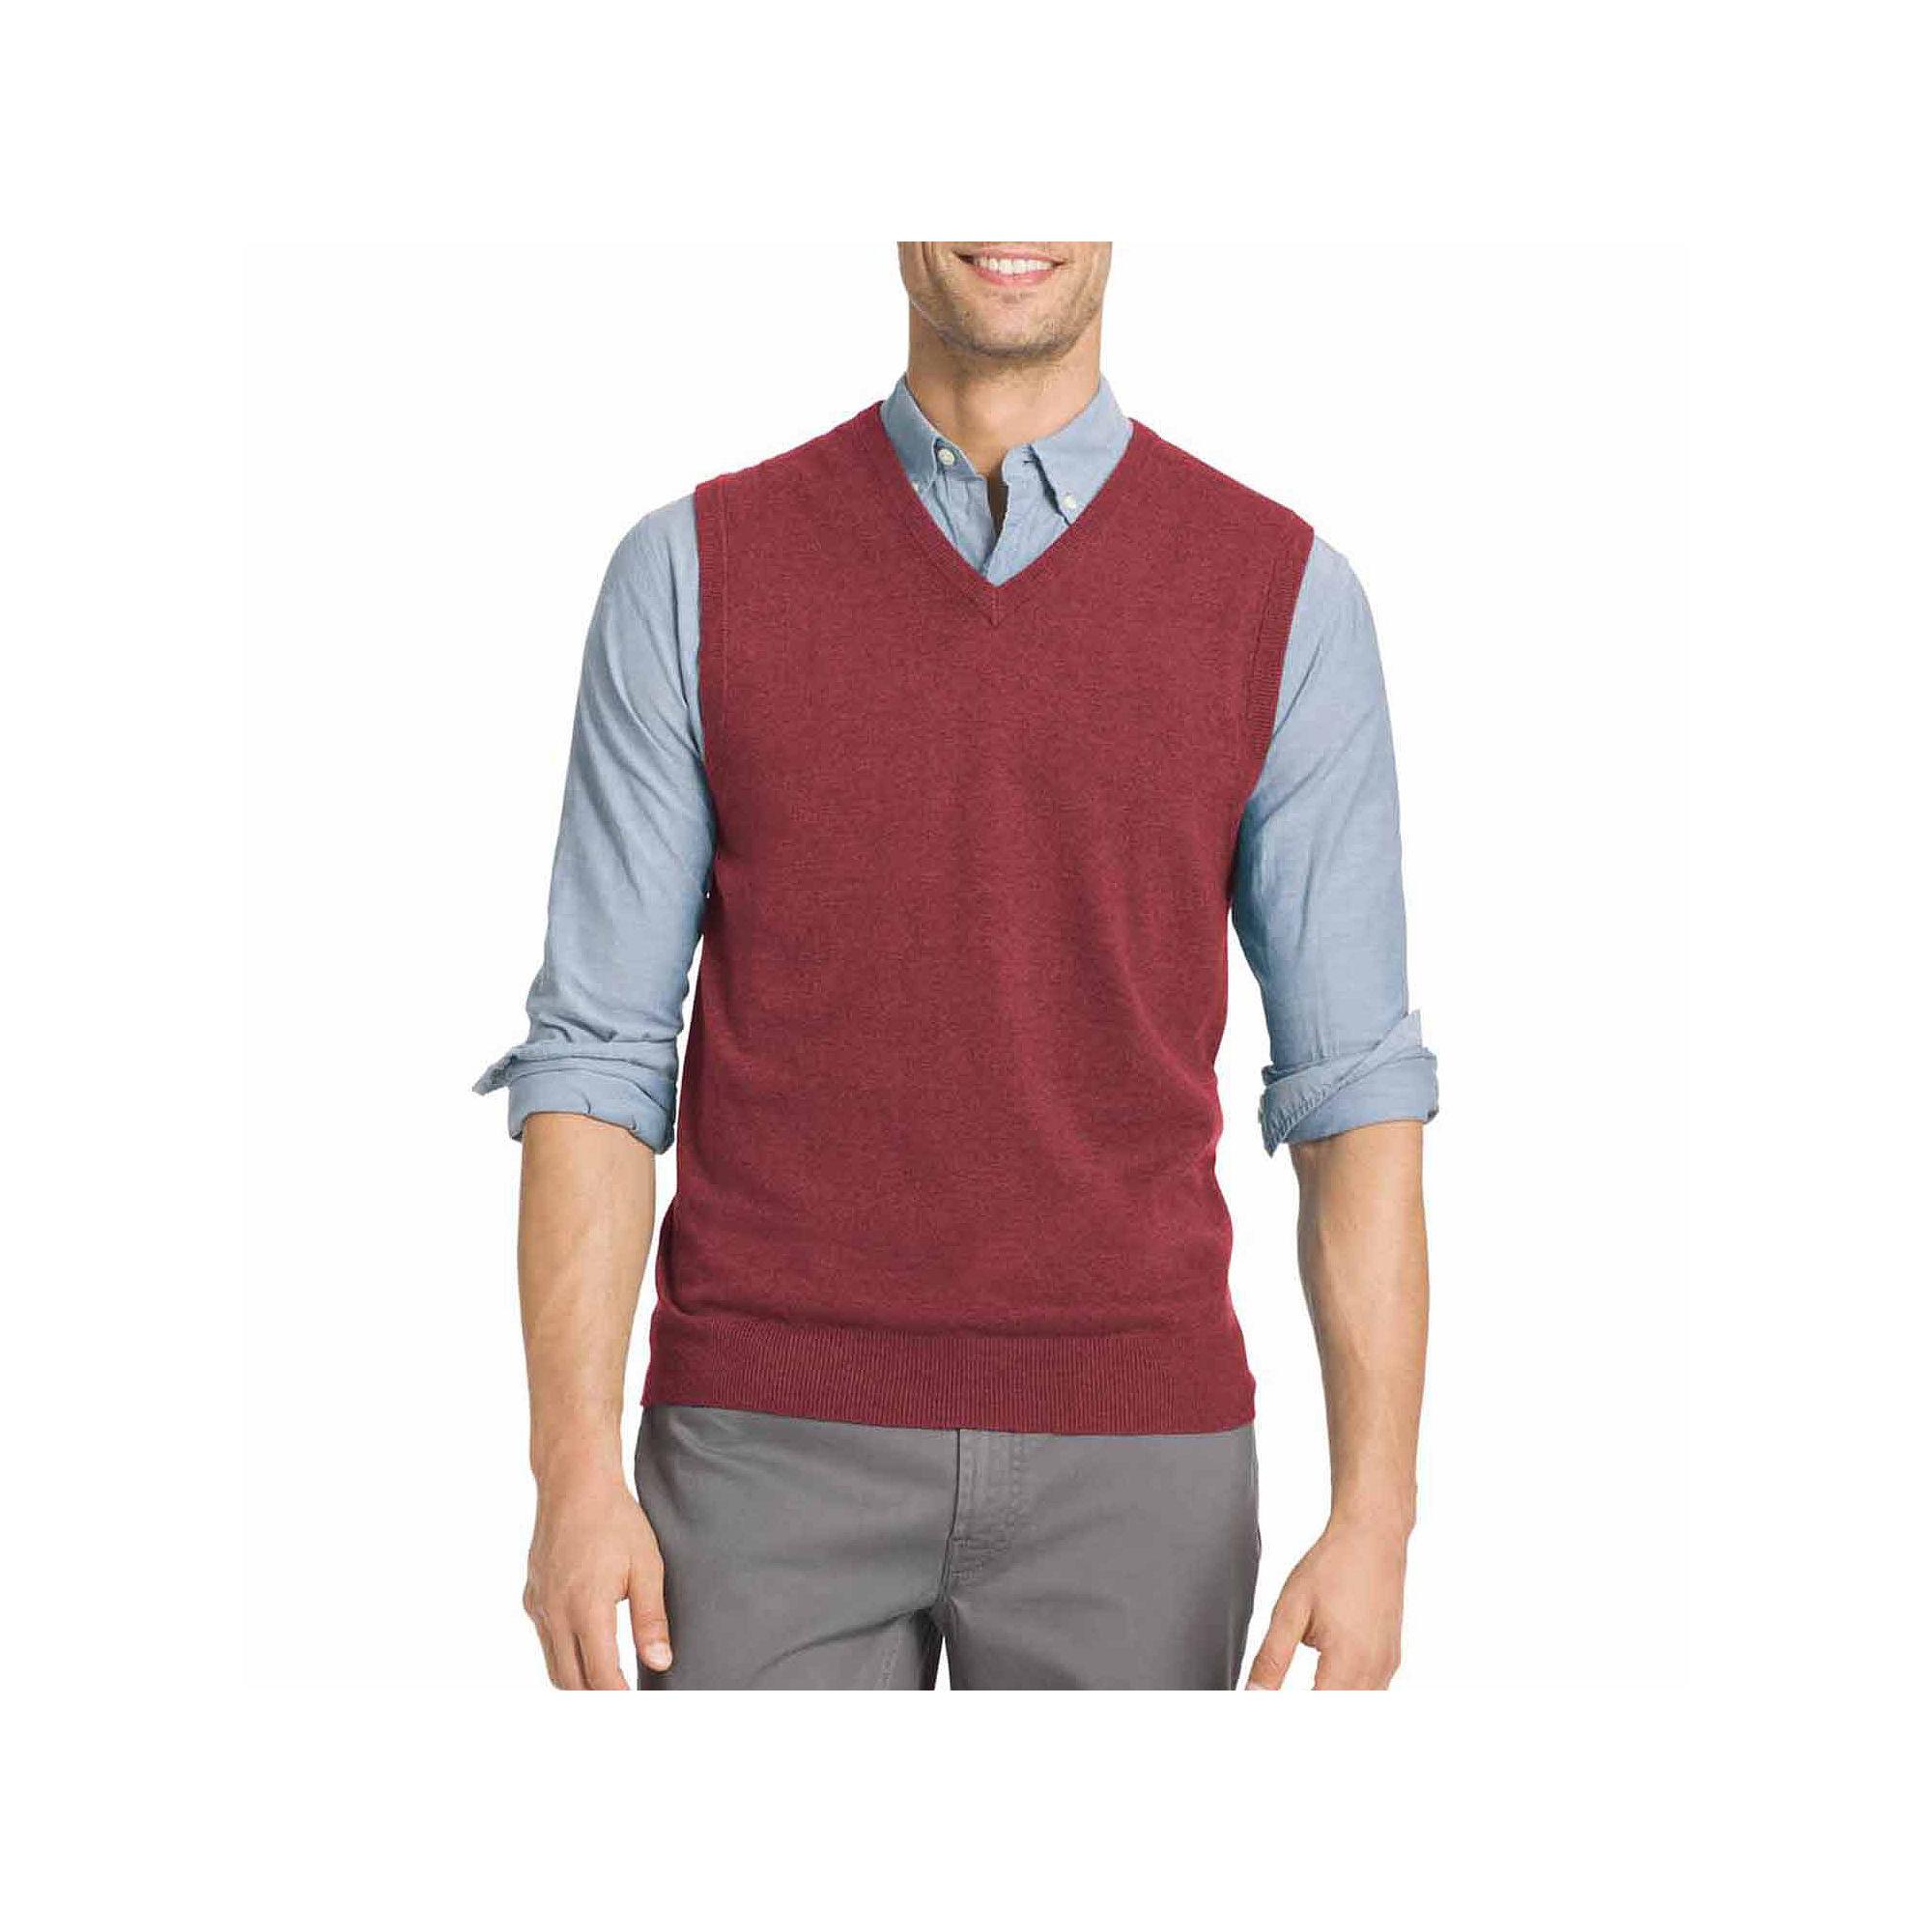 UPC 015844819503 - Izod V Neck Cotton Sweater Vest | upcitemdb.com